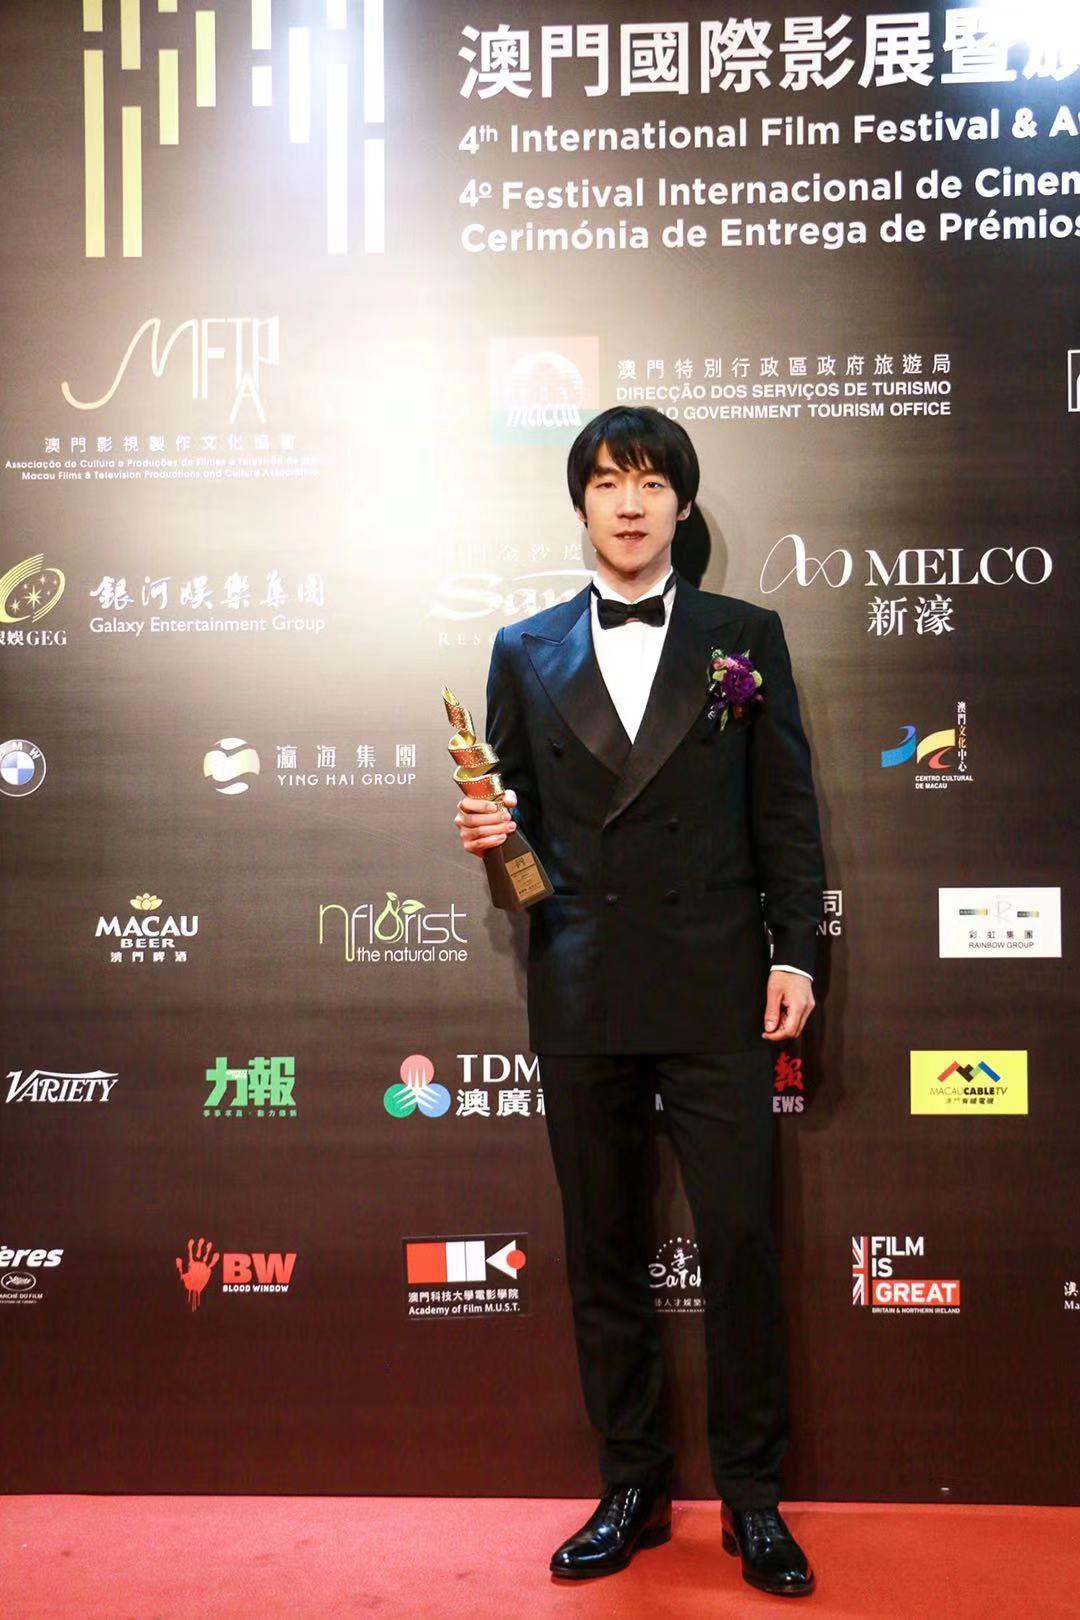 获澳门国际影展最佳男主角,吴晓亮期待《日光之下》上映